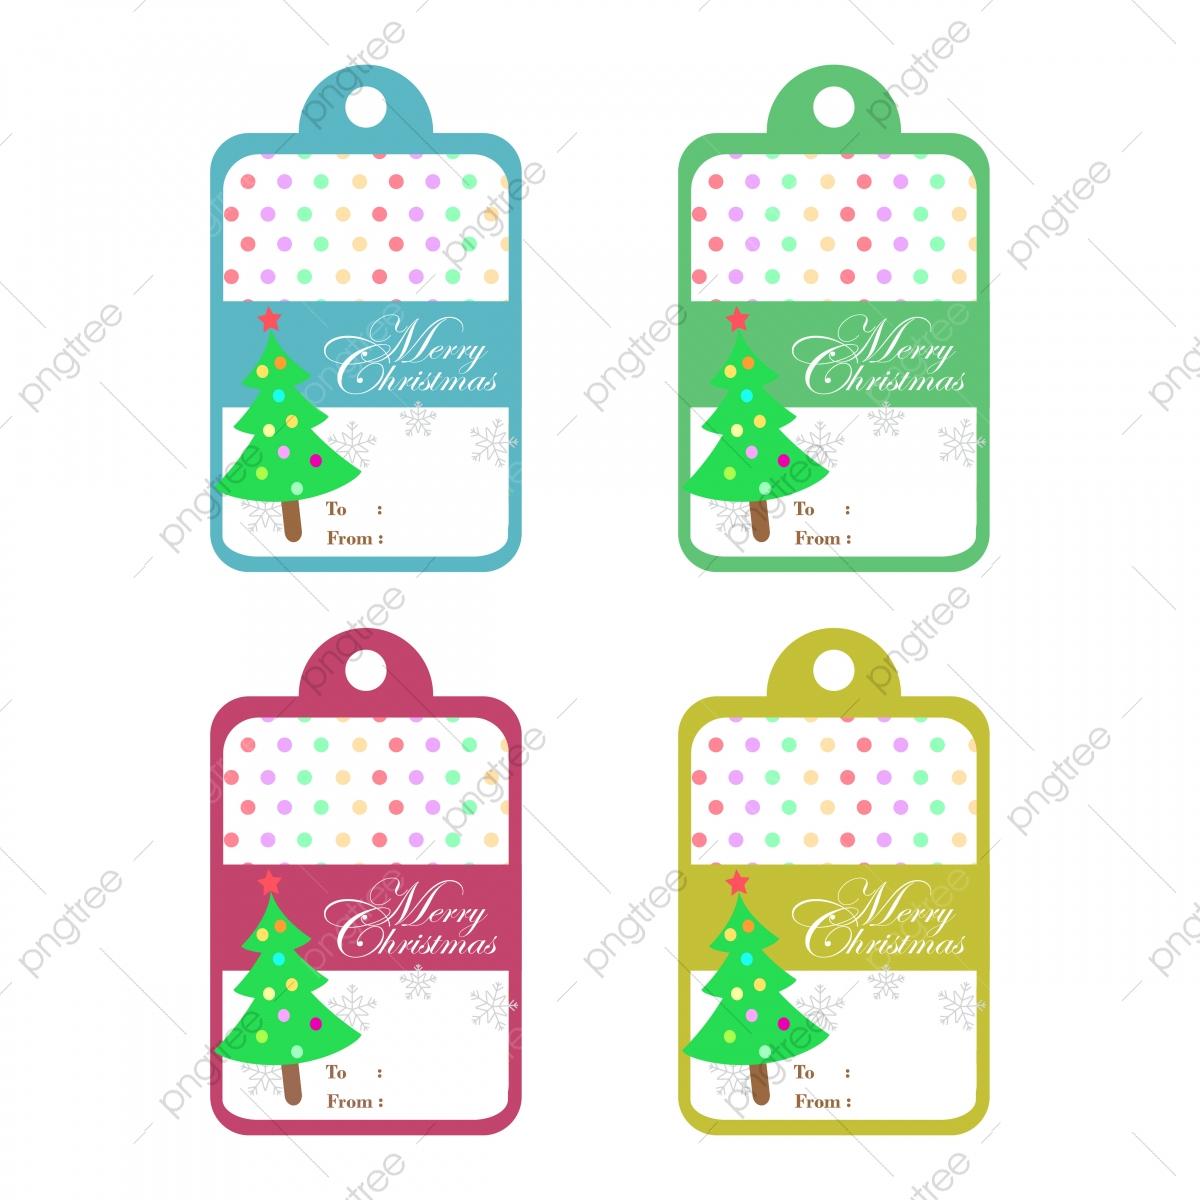 Texte Joyeux Noël Et Arbre De Noël Sur Fond Coloré Pour tout Etiquette Pour Cadeau De Noel